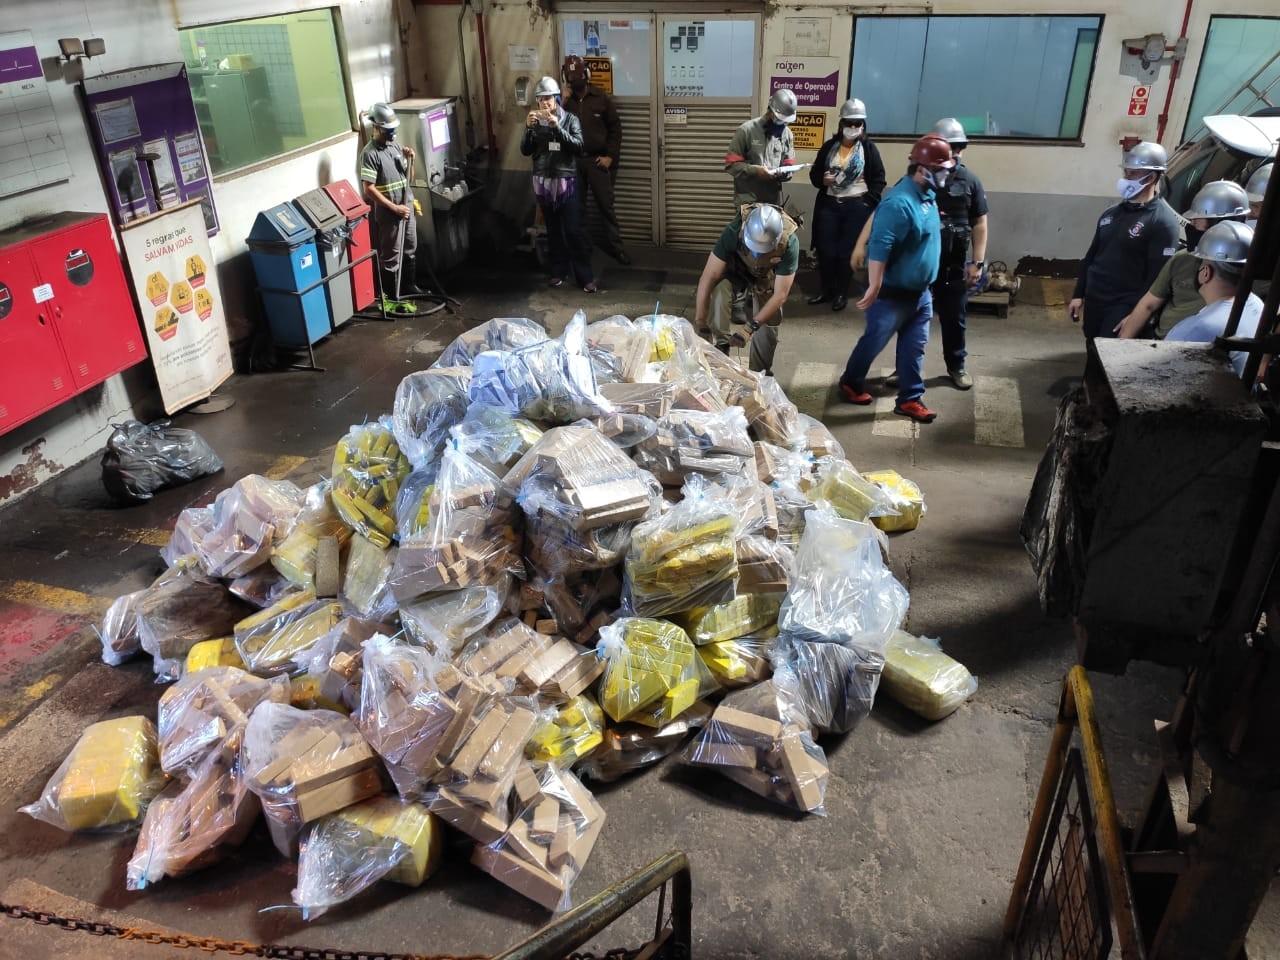 Polícia Civil incinera mais de 2 toneladas de drogas apreendidas em operações na região de Assis